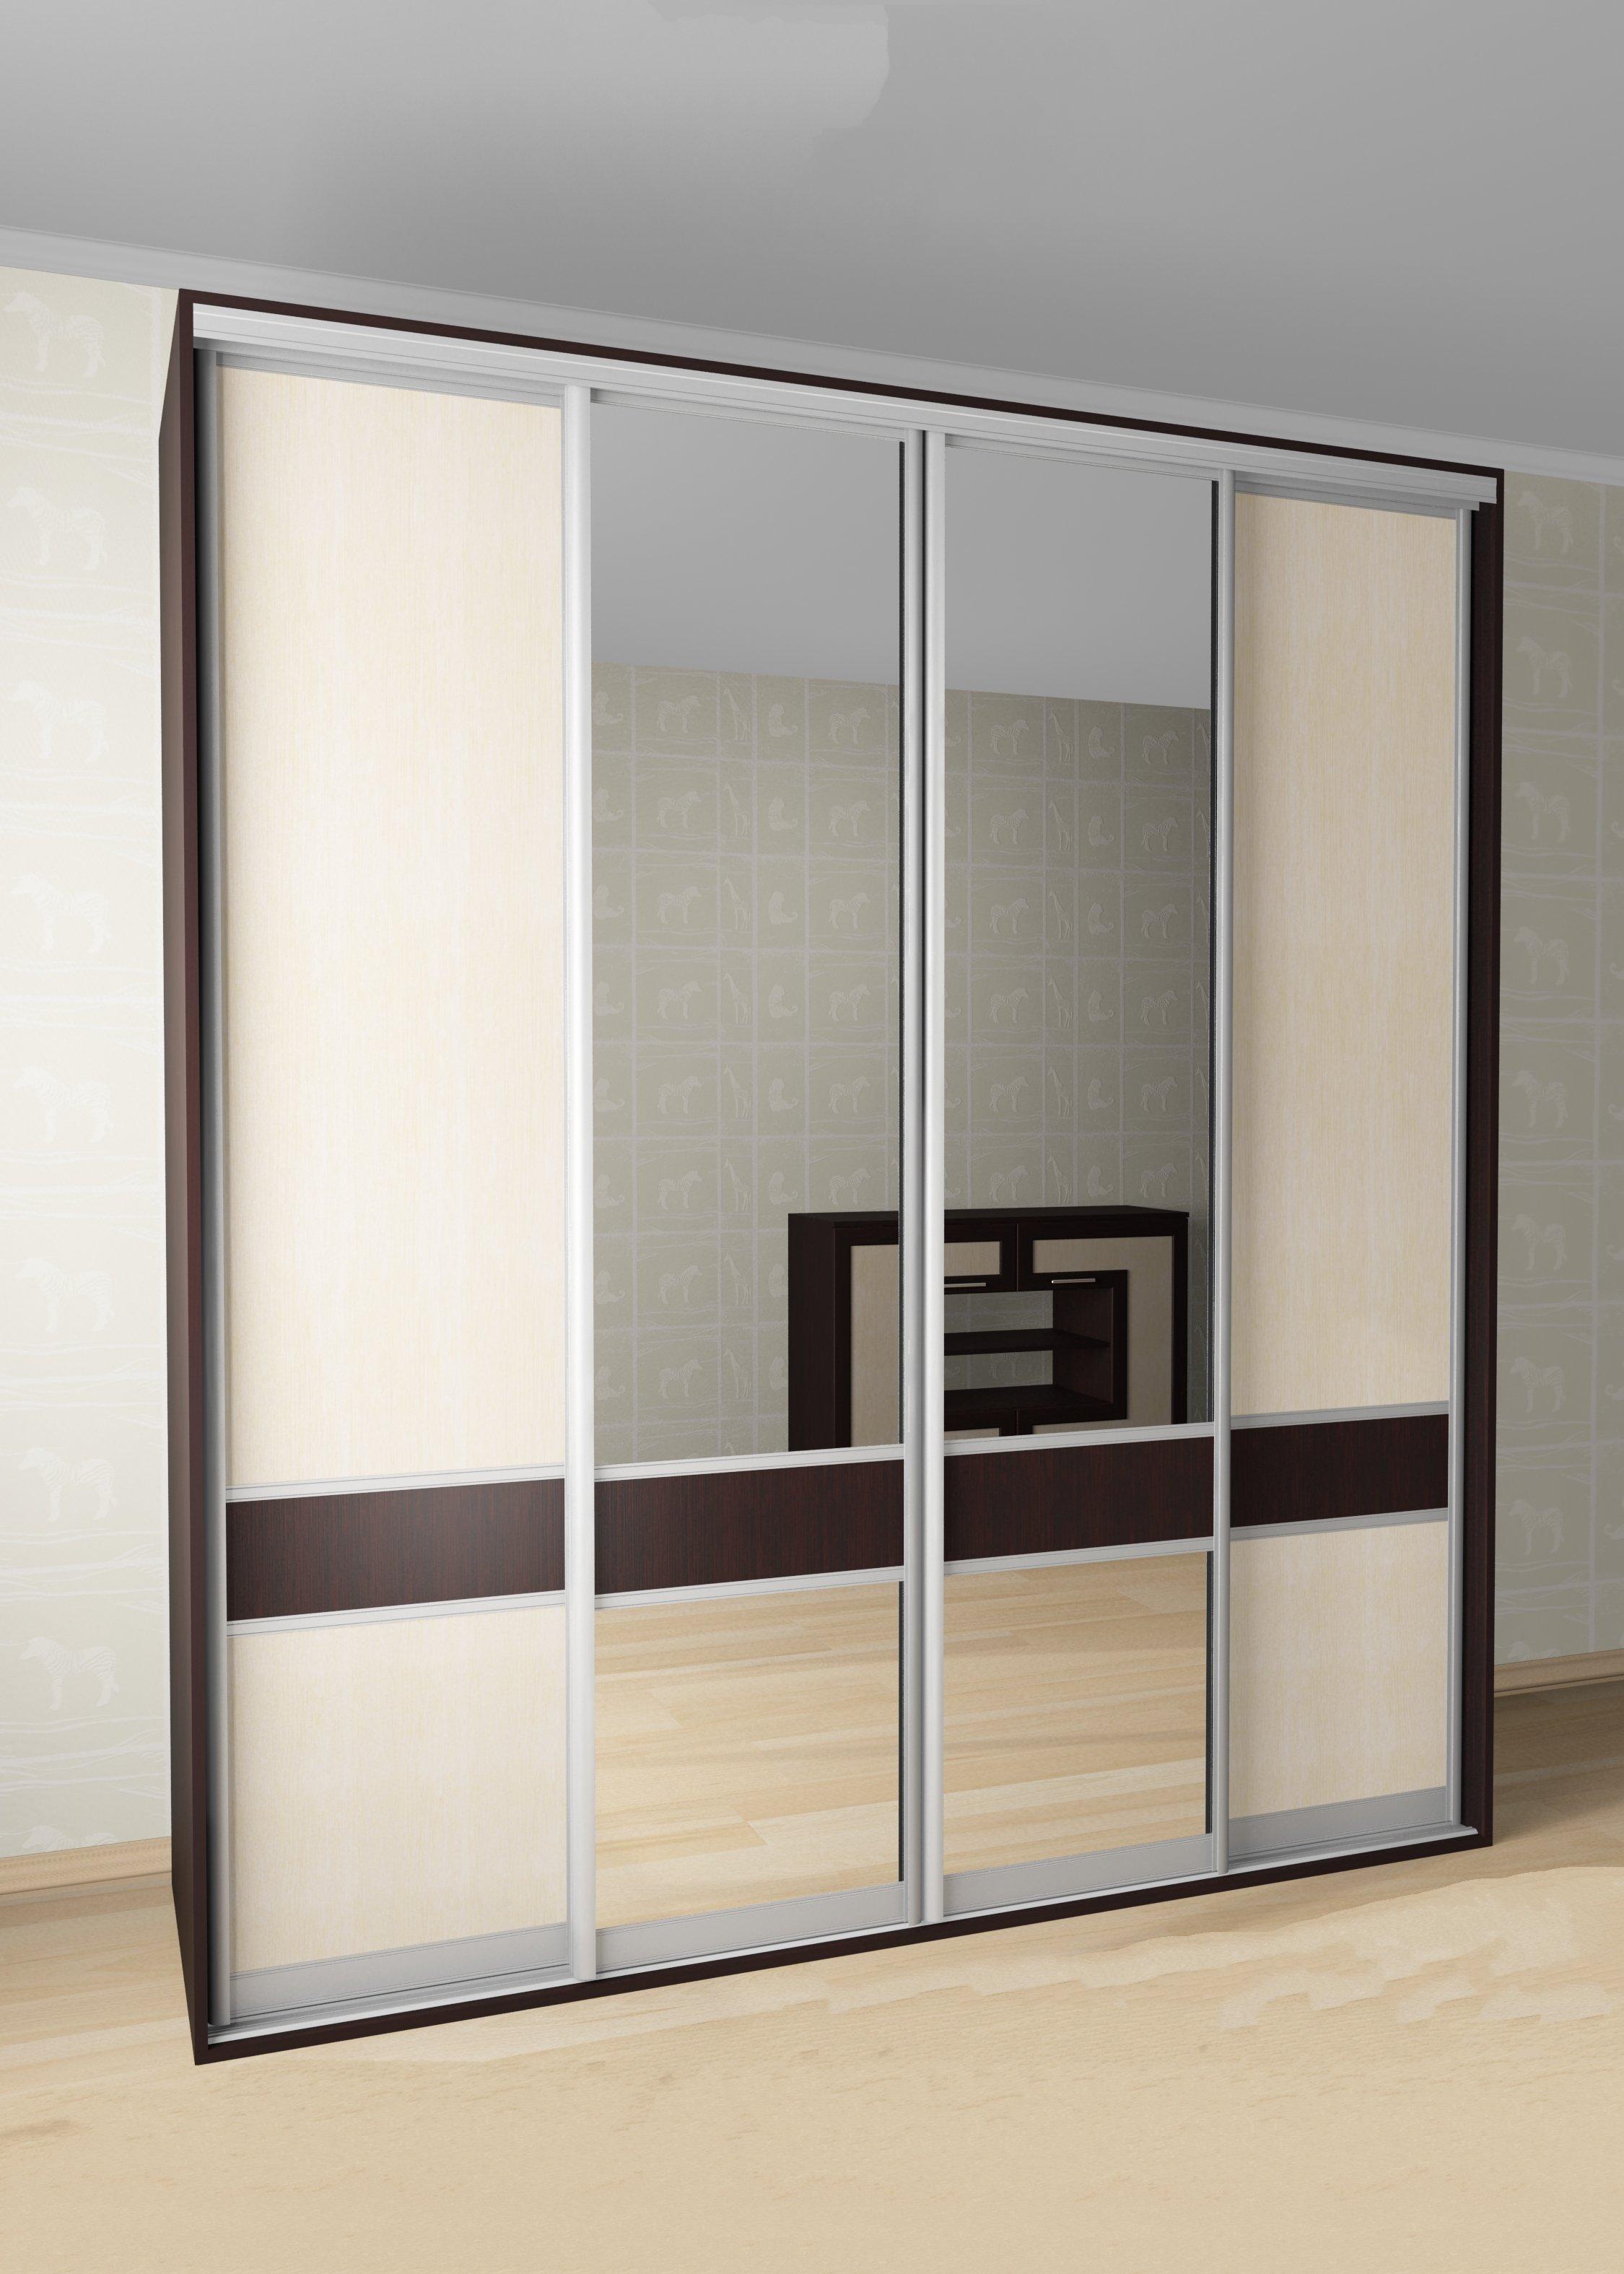 Шкаф-купе 7 - мебель на заказ в москве недорогие кухни, шкаф.